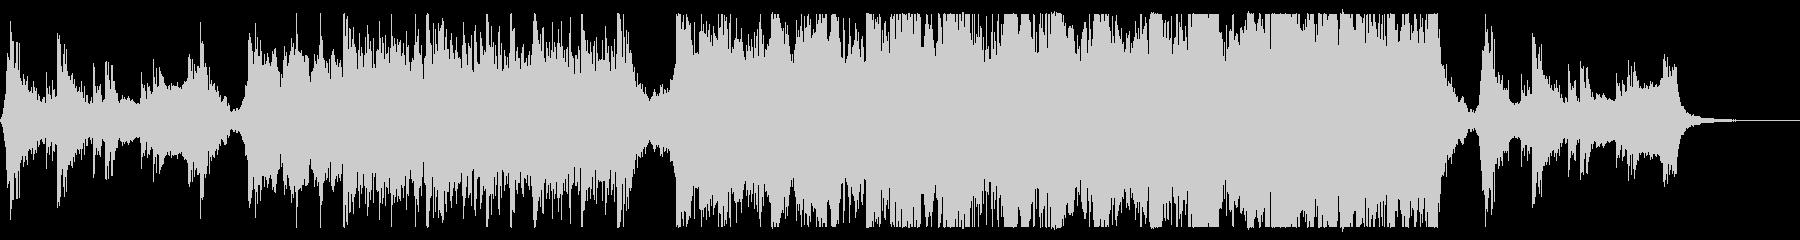 ハリウッド映画風の壮大オーケストラ12の未再生の波形